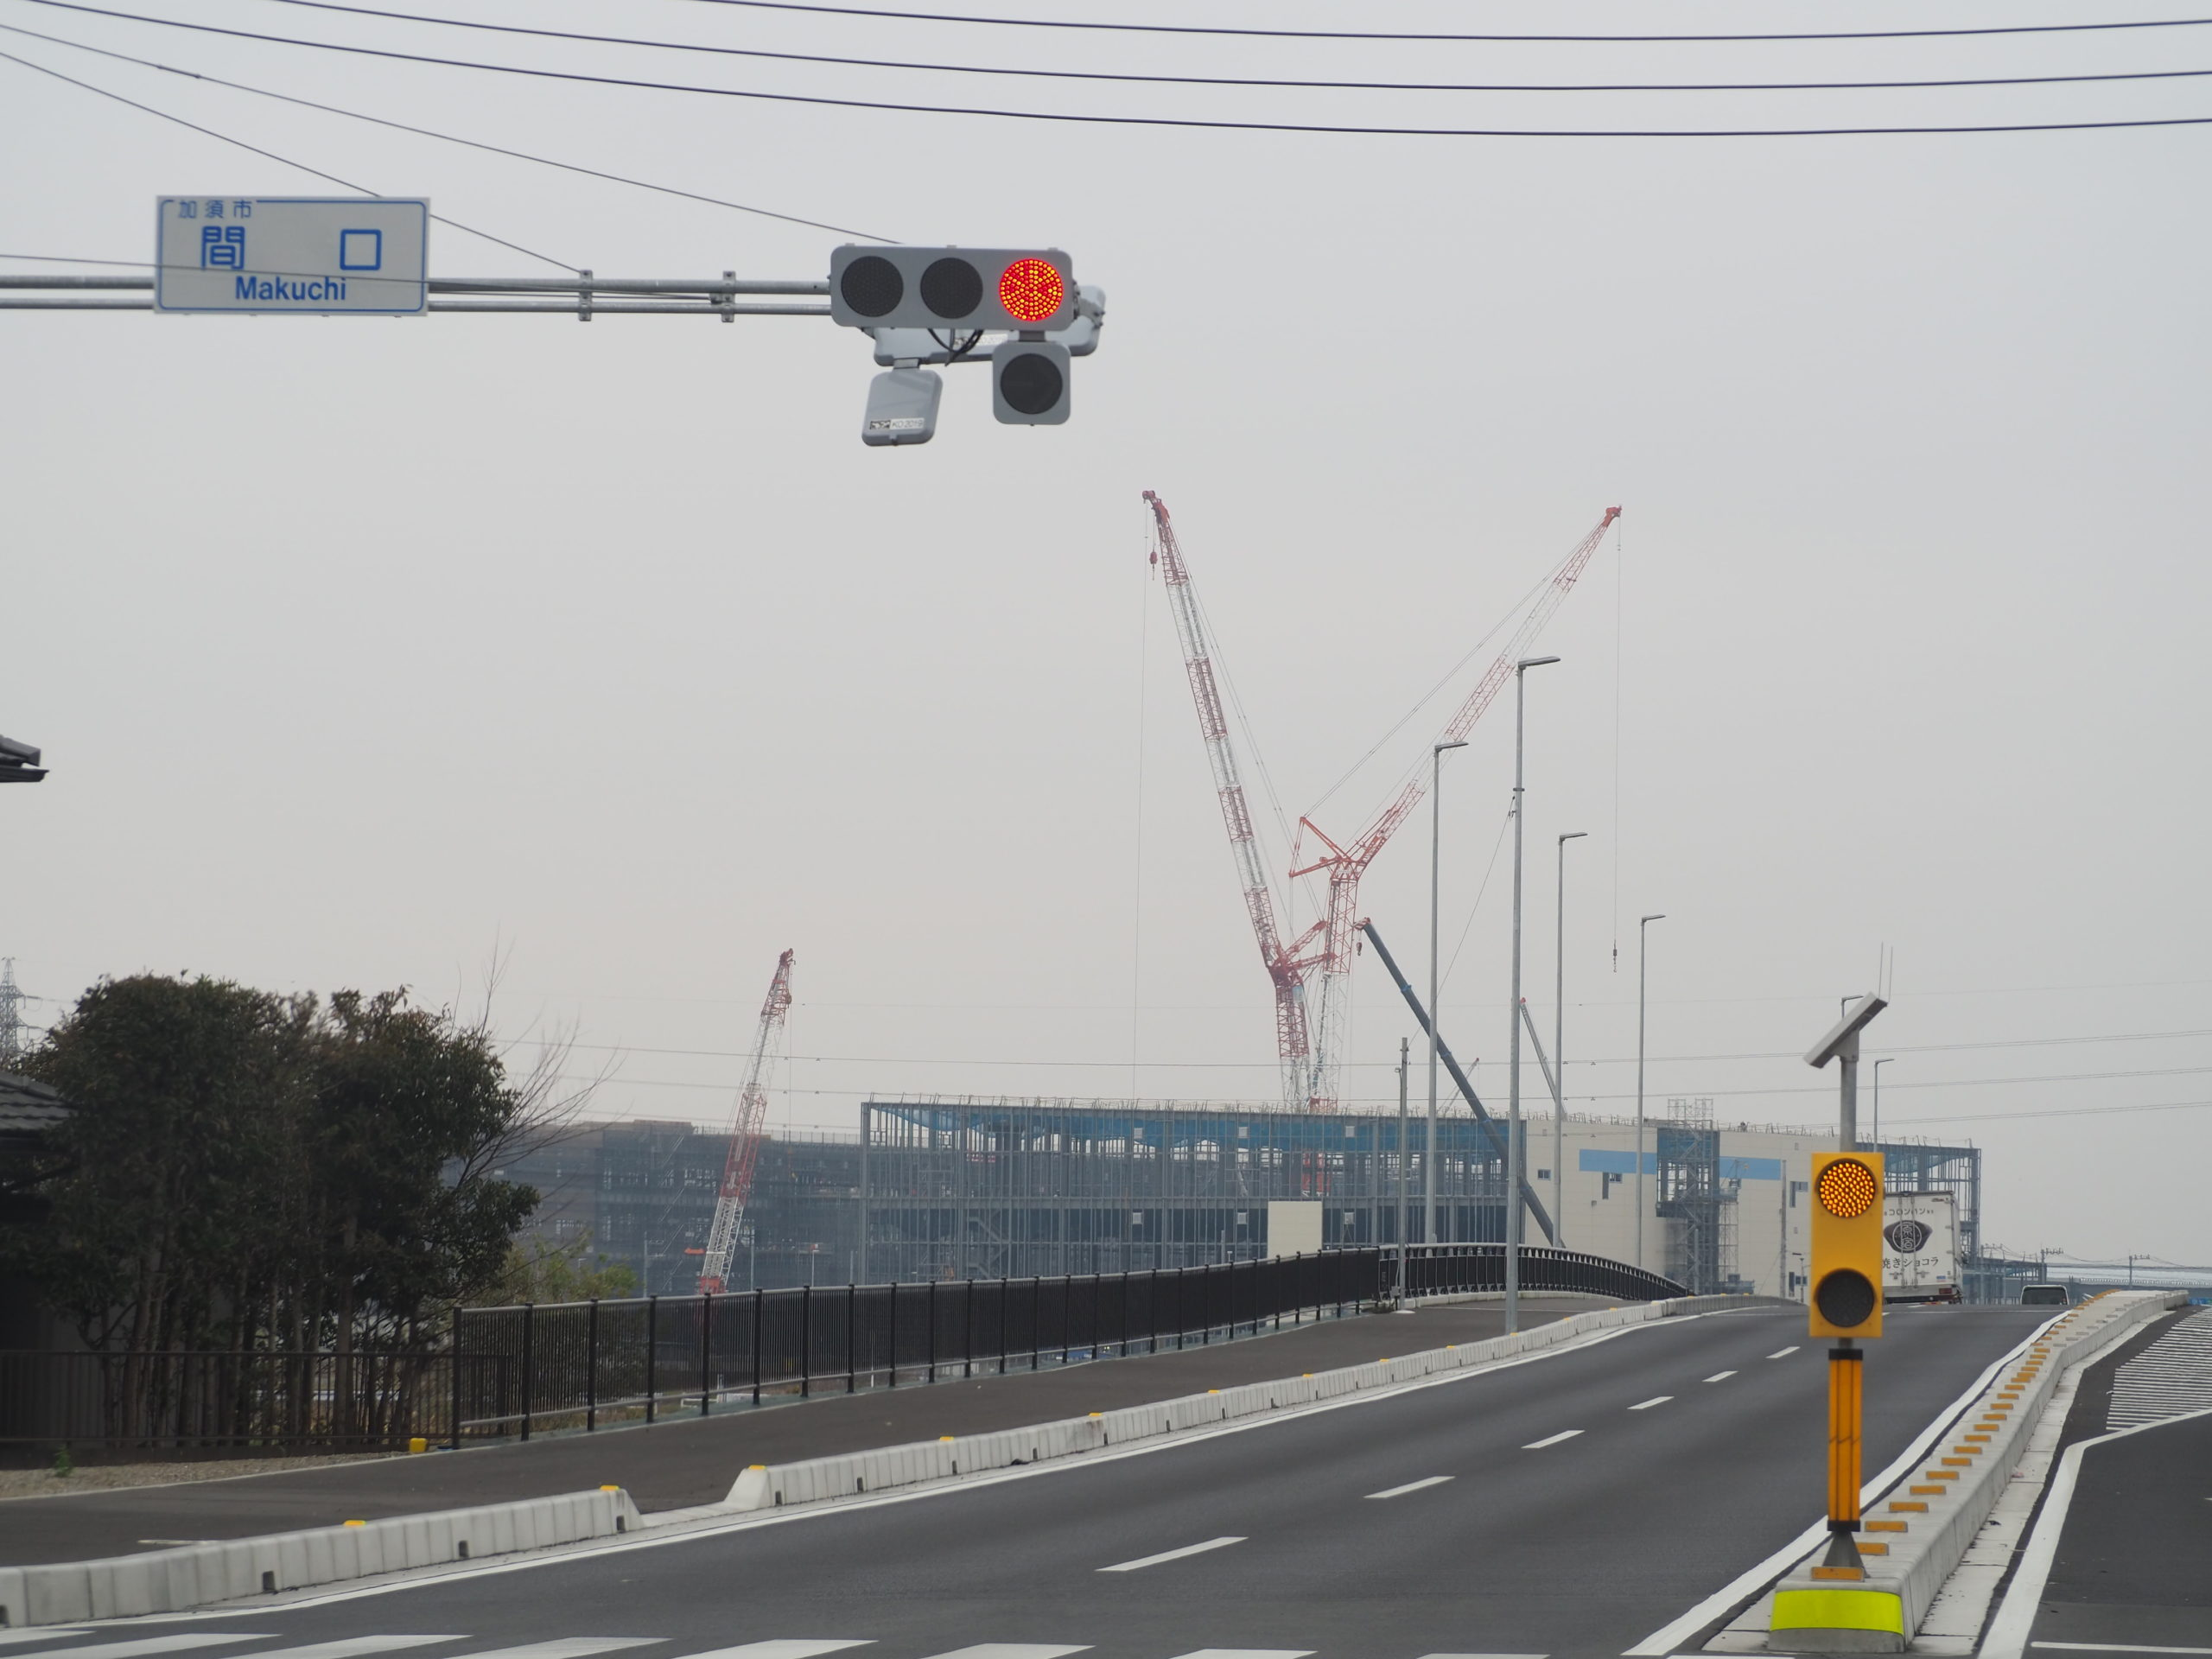 東京の物流空室率は0.2%で最低更新―適地拡大・参入増で需給均衡も 一五不動産情報サービス